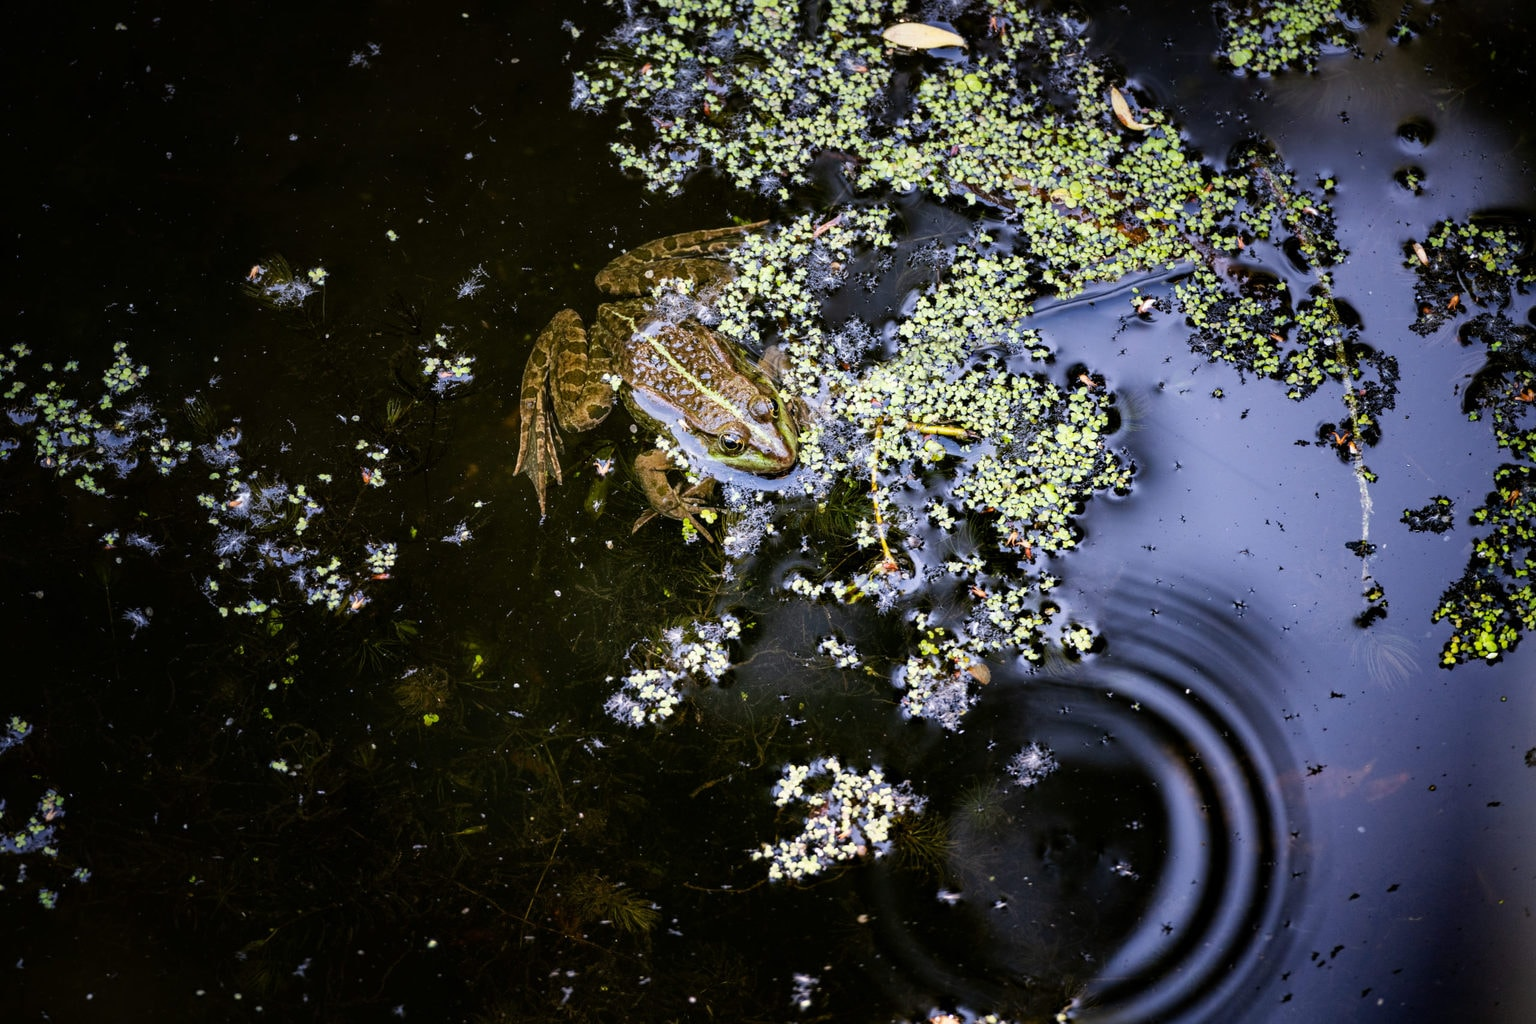 Een kikker lekker op z'n gemak in de Tegeler Fließ in Berlijn